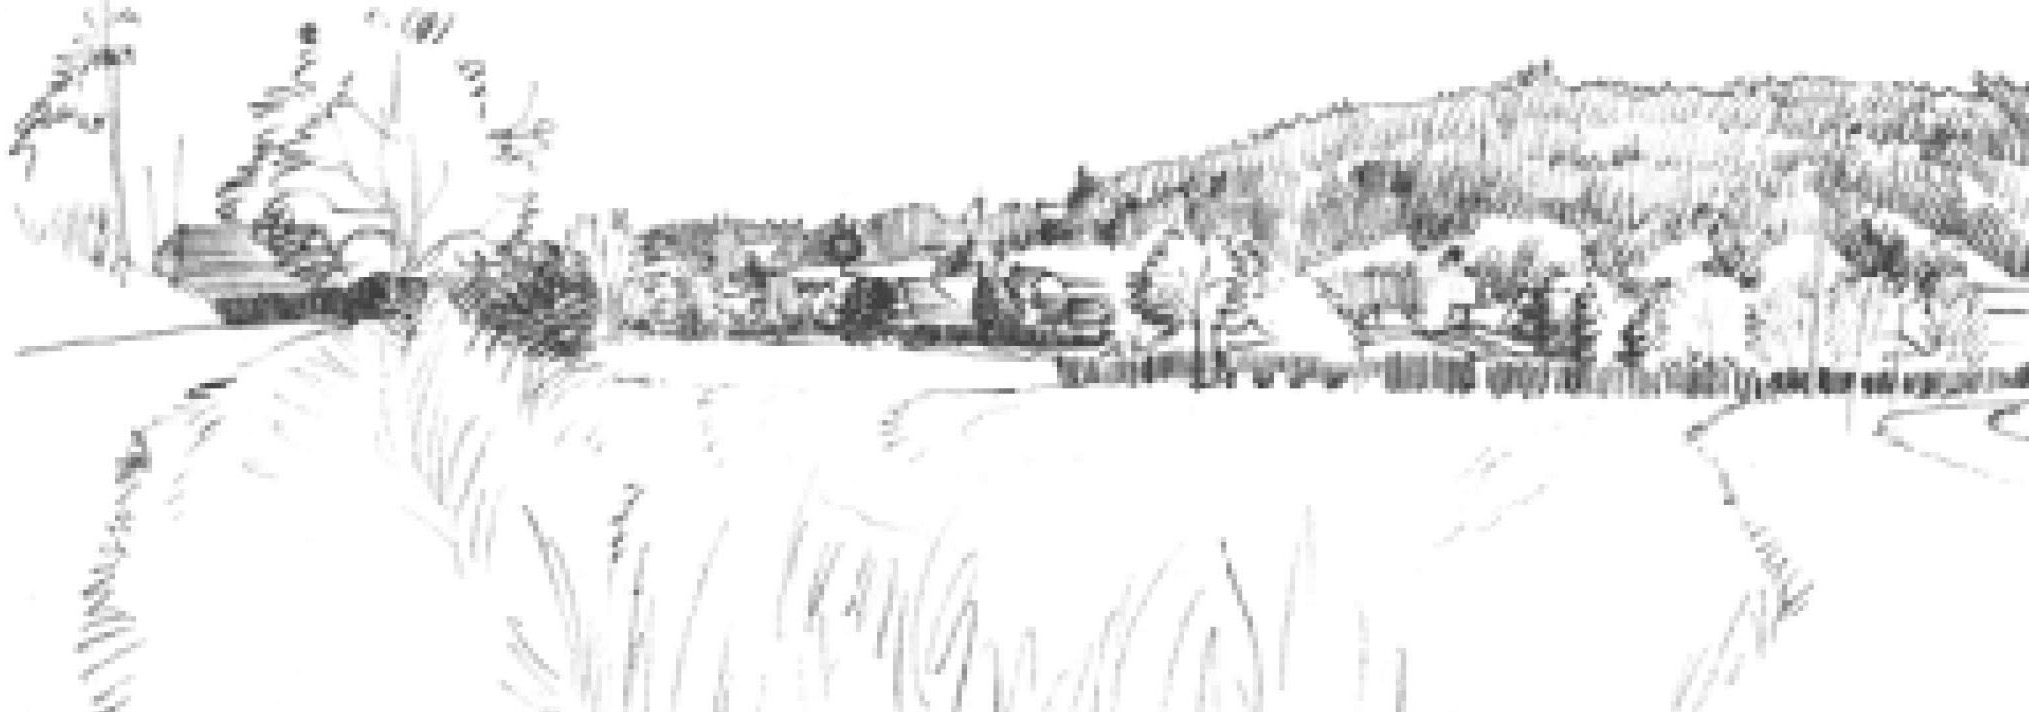 GRO-_Les_4_grandes_séquences_paysageres-Rc02.jpg